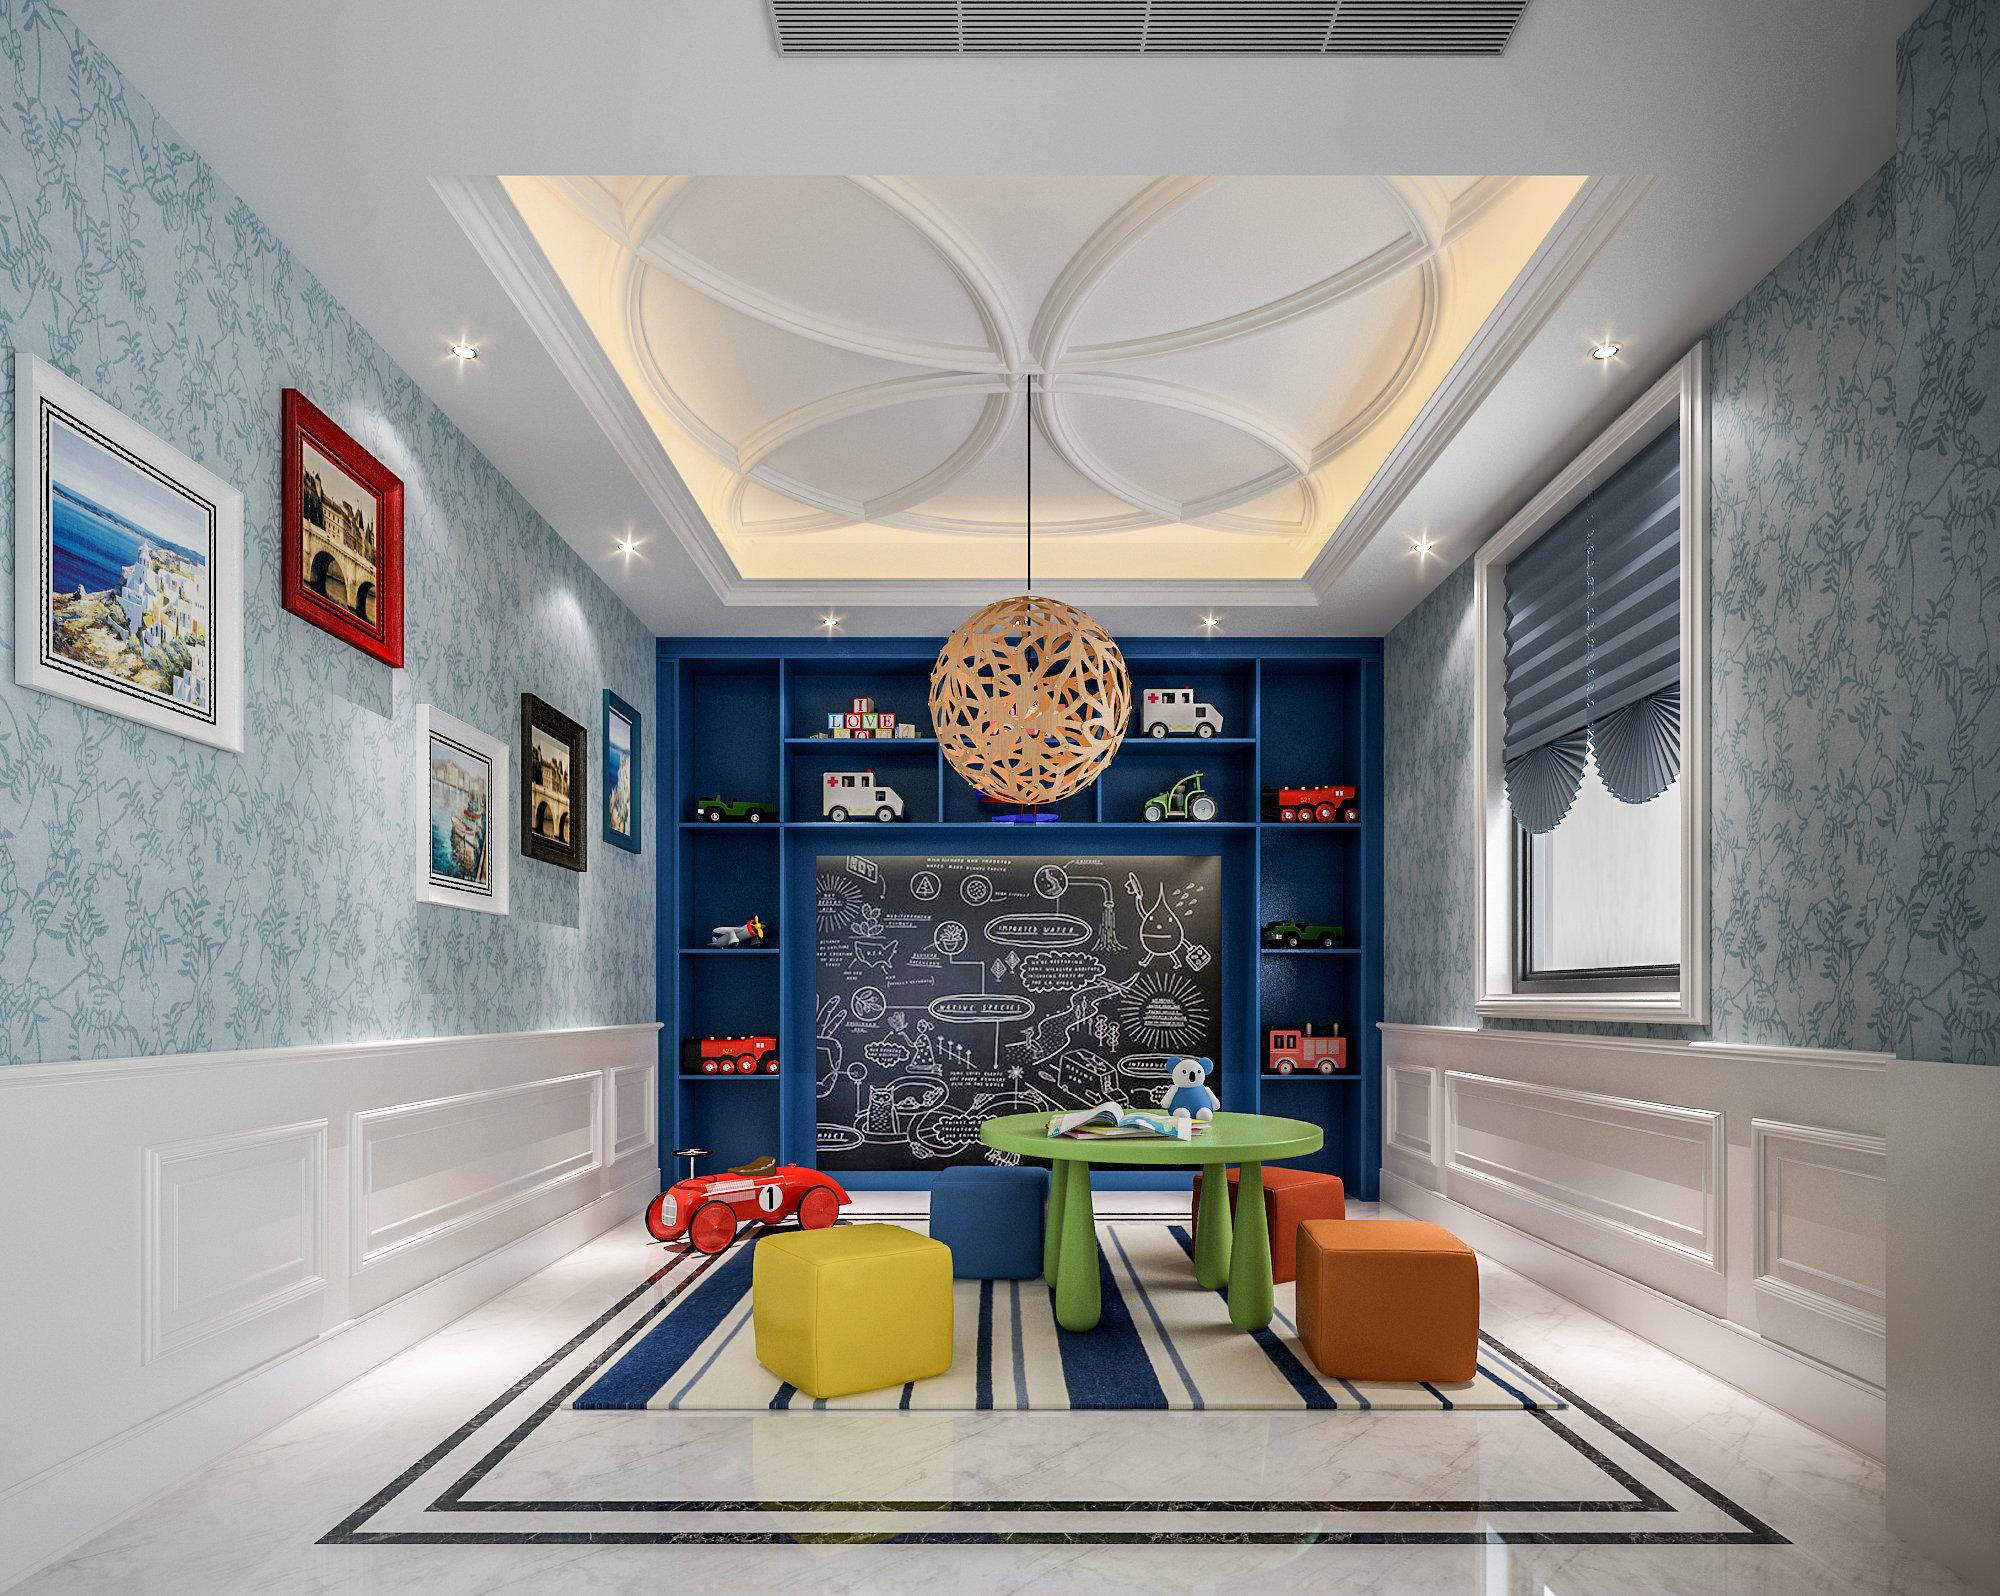 宝华源墅 别墅装修 欧式古典 腾龙设计 其他图片来自腾龙设计在宝华源墅别墅项目装修欧式风格的分享